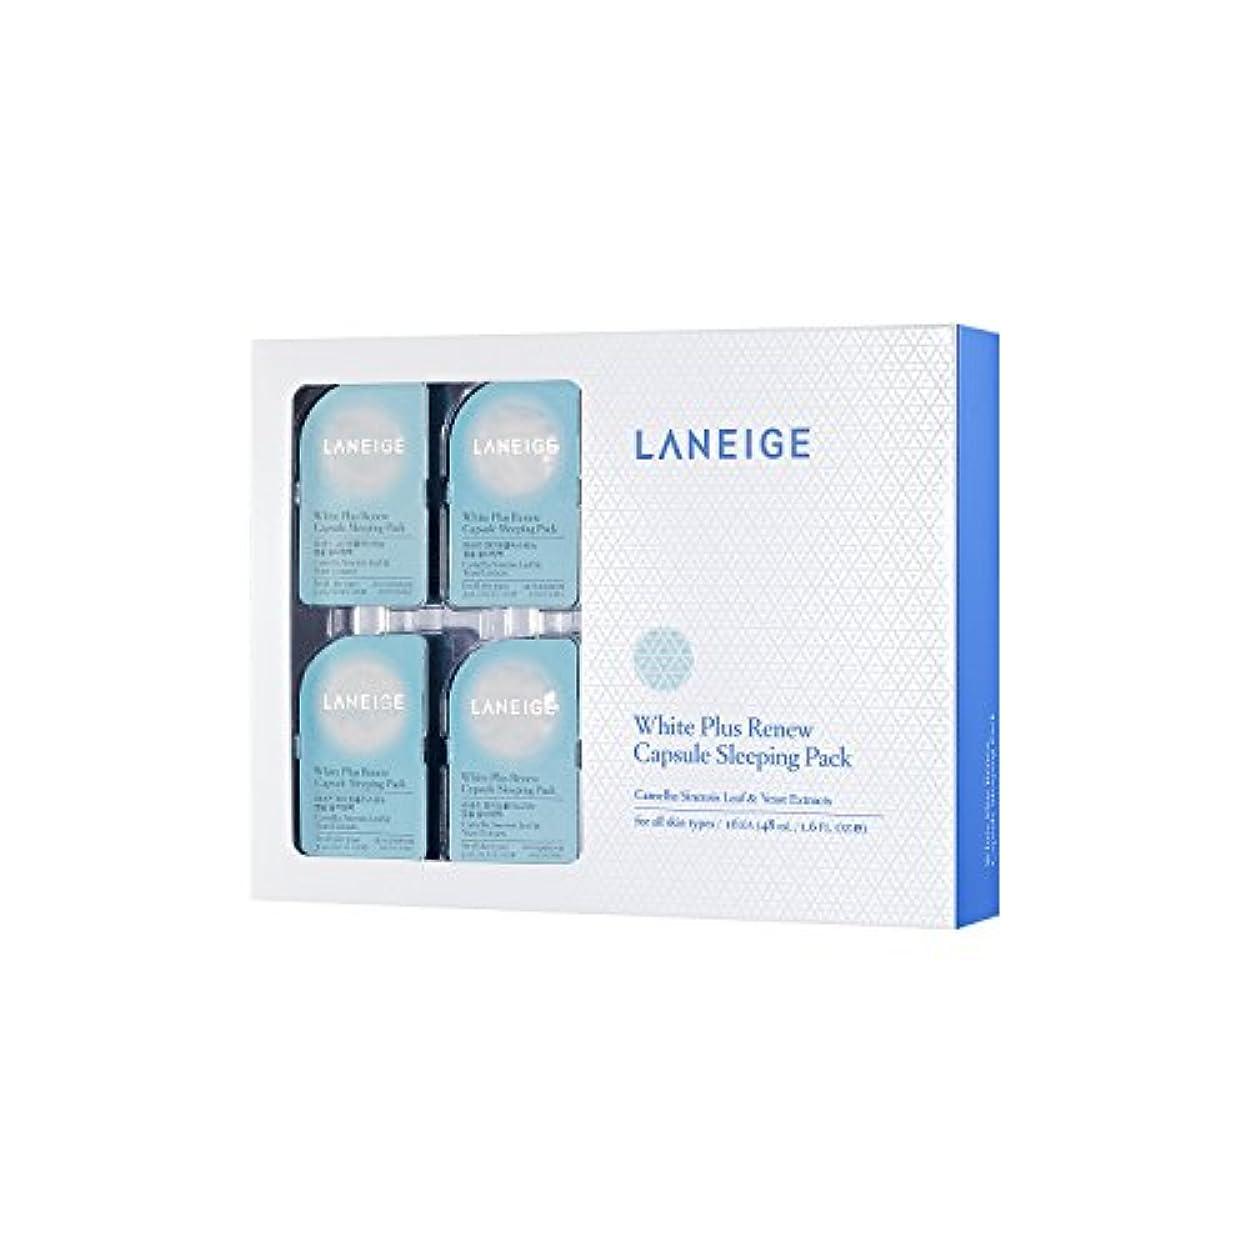 あいまいさ無礼にバンカーラネージュ(LANEIGE) ホワイト プラス リニュー カプセル スリーピングパック (美白) 3ml*16 [並行輸入品]